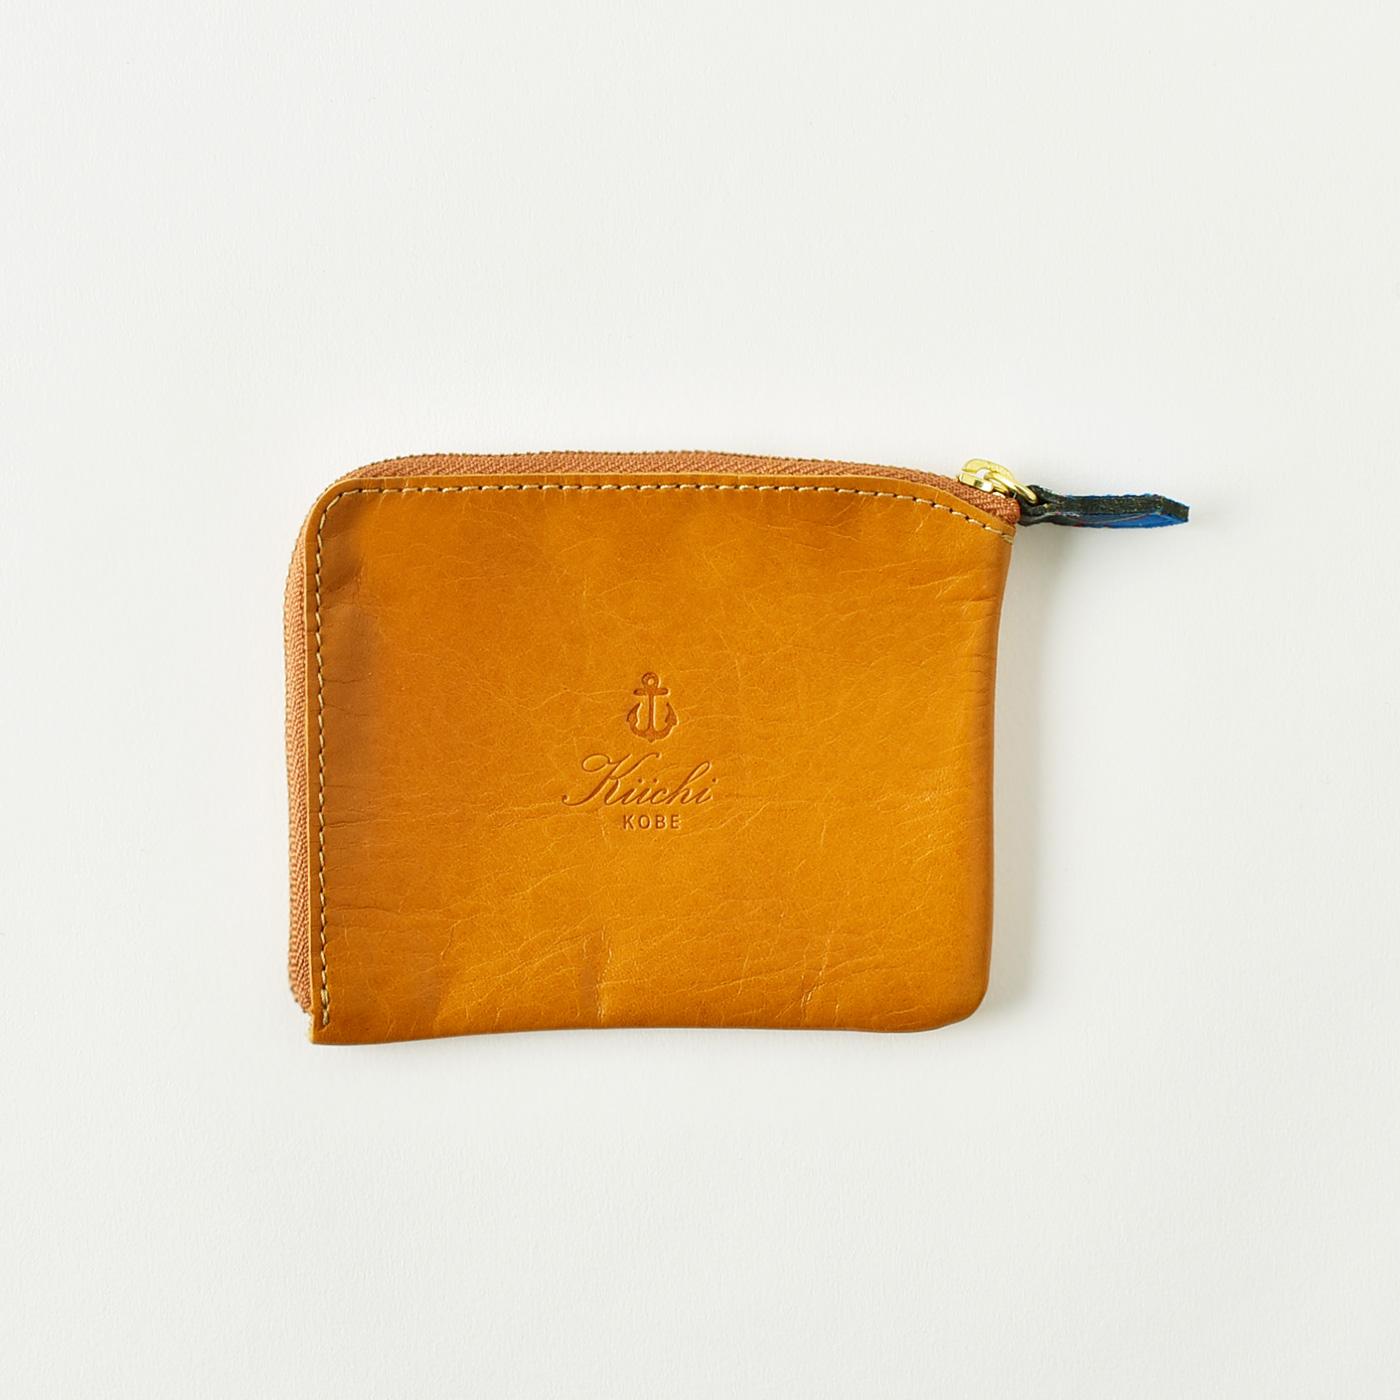 神戸タータン 革ミニ財布(キャメル)